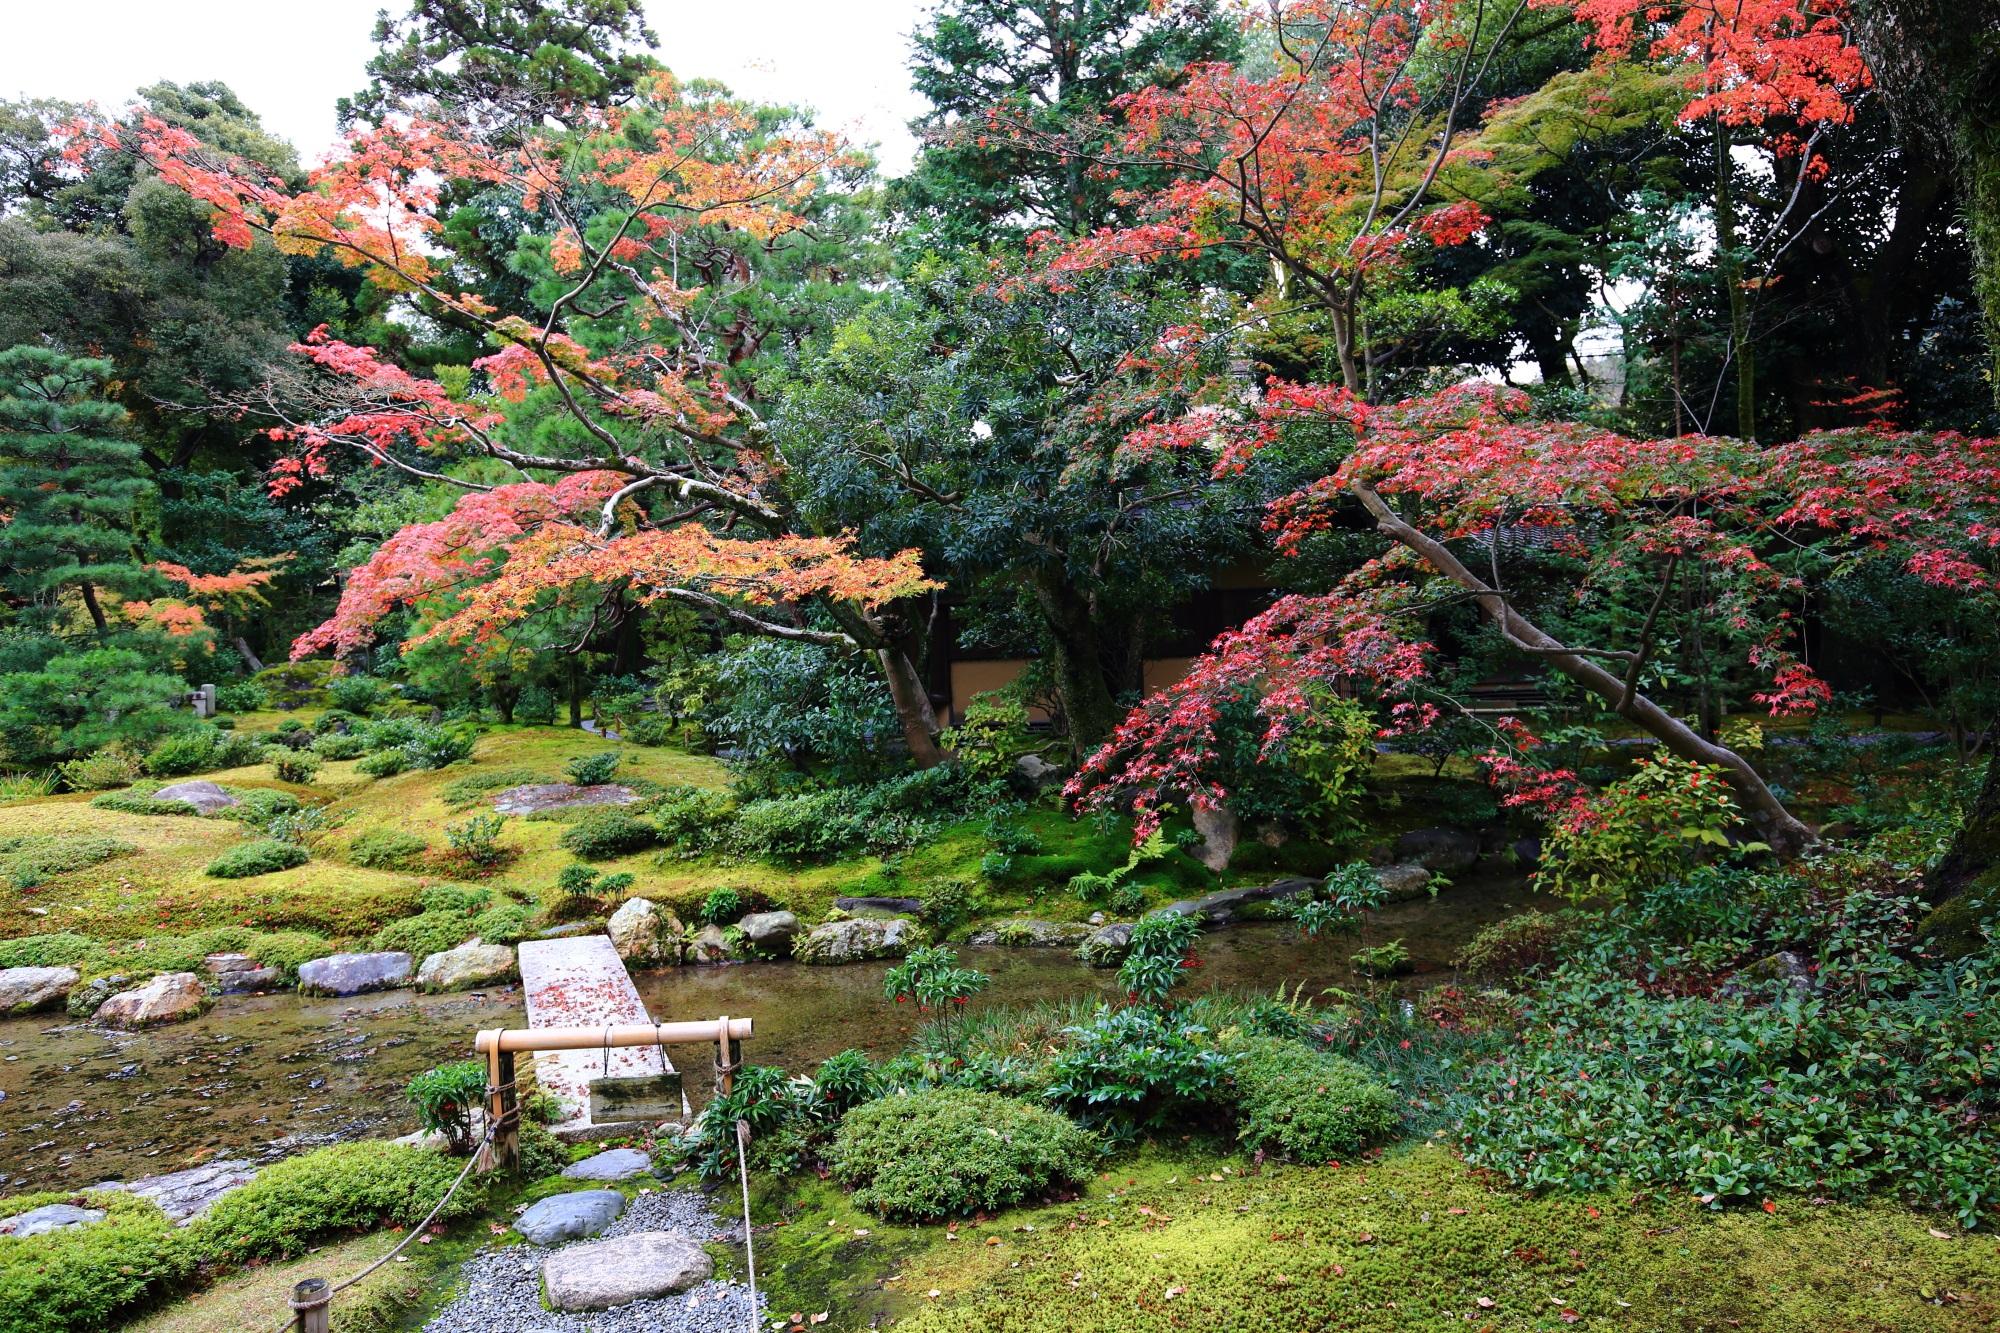 多種多様な緑の中で華やぐ紅葉